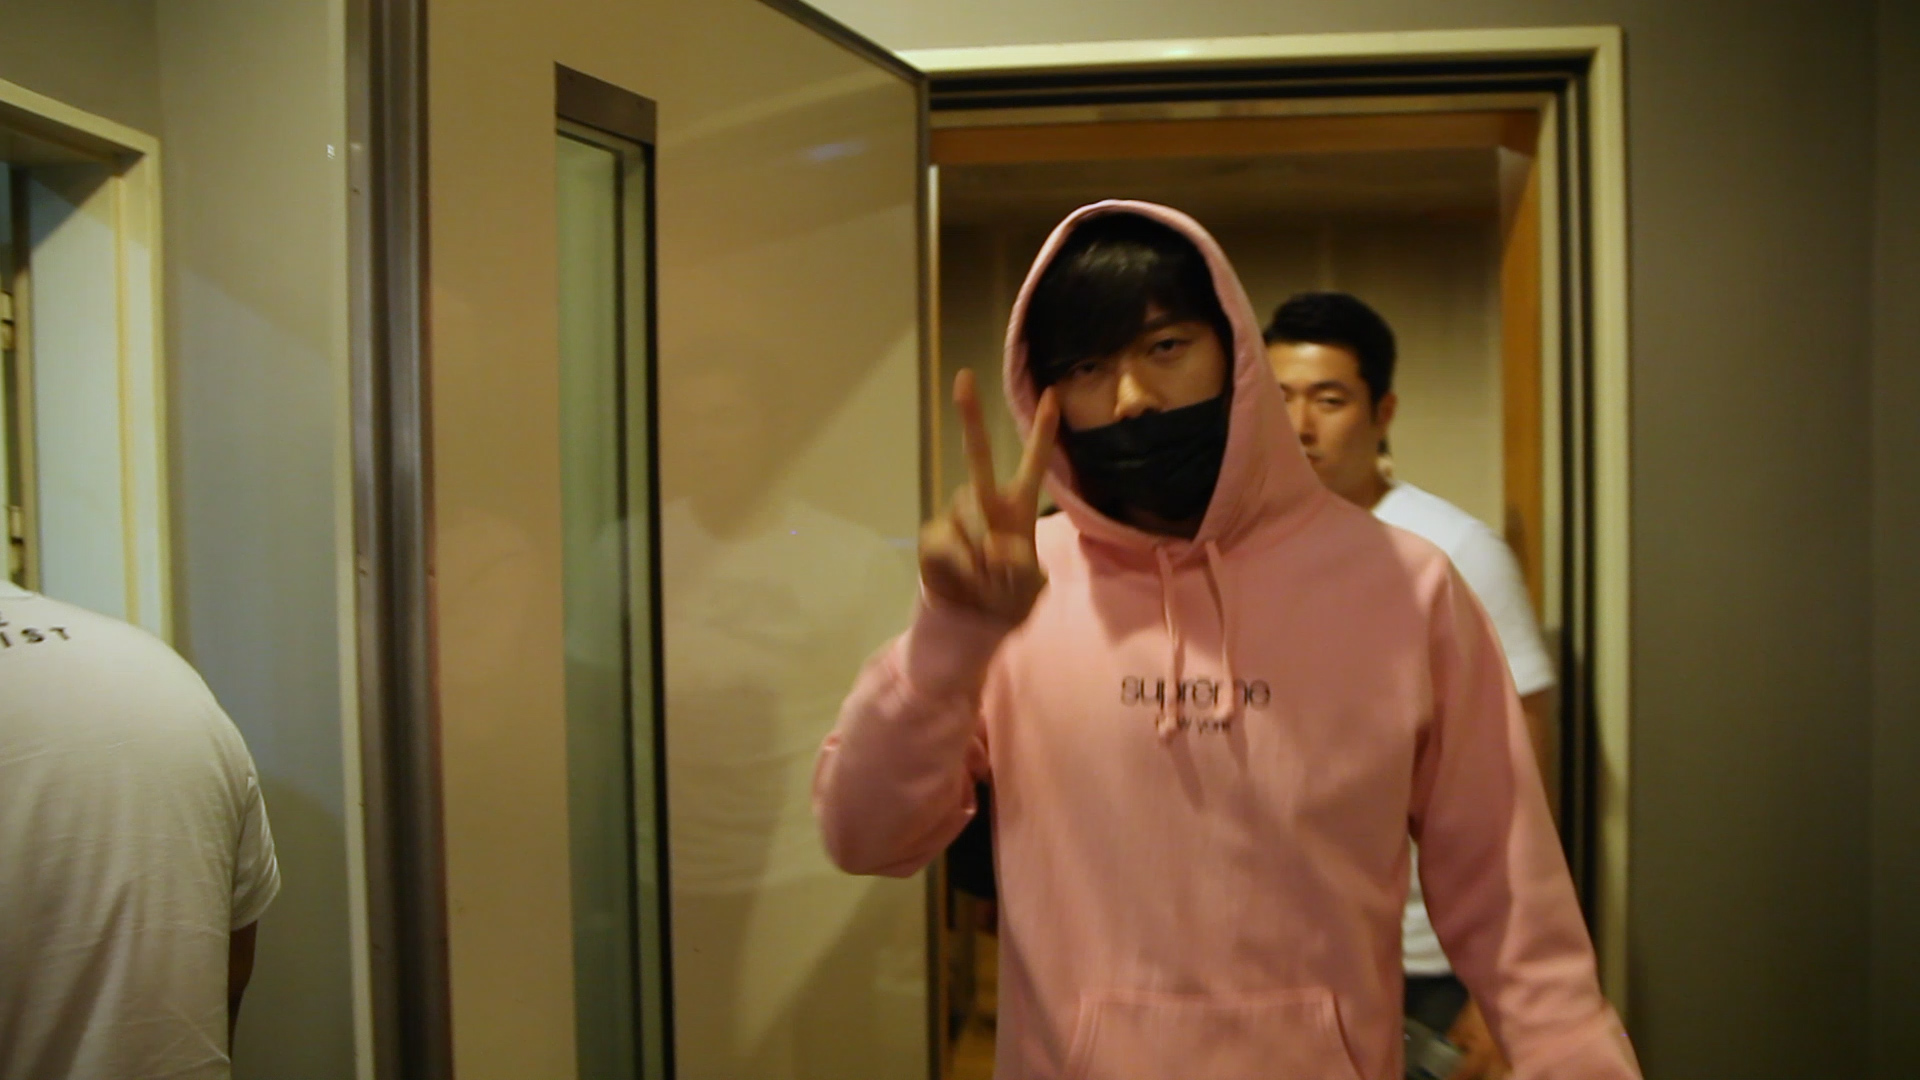 [Park Hae-Jin] True story - No. 44